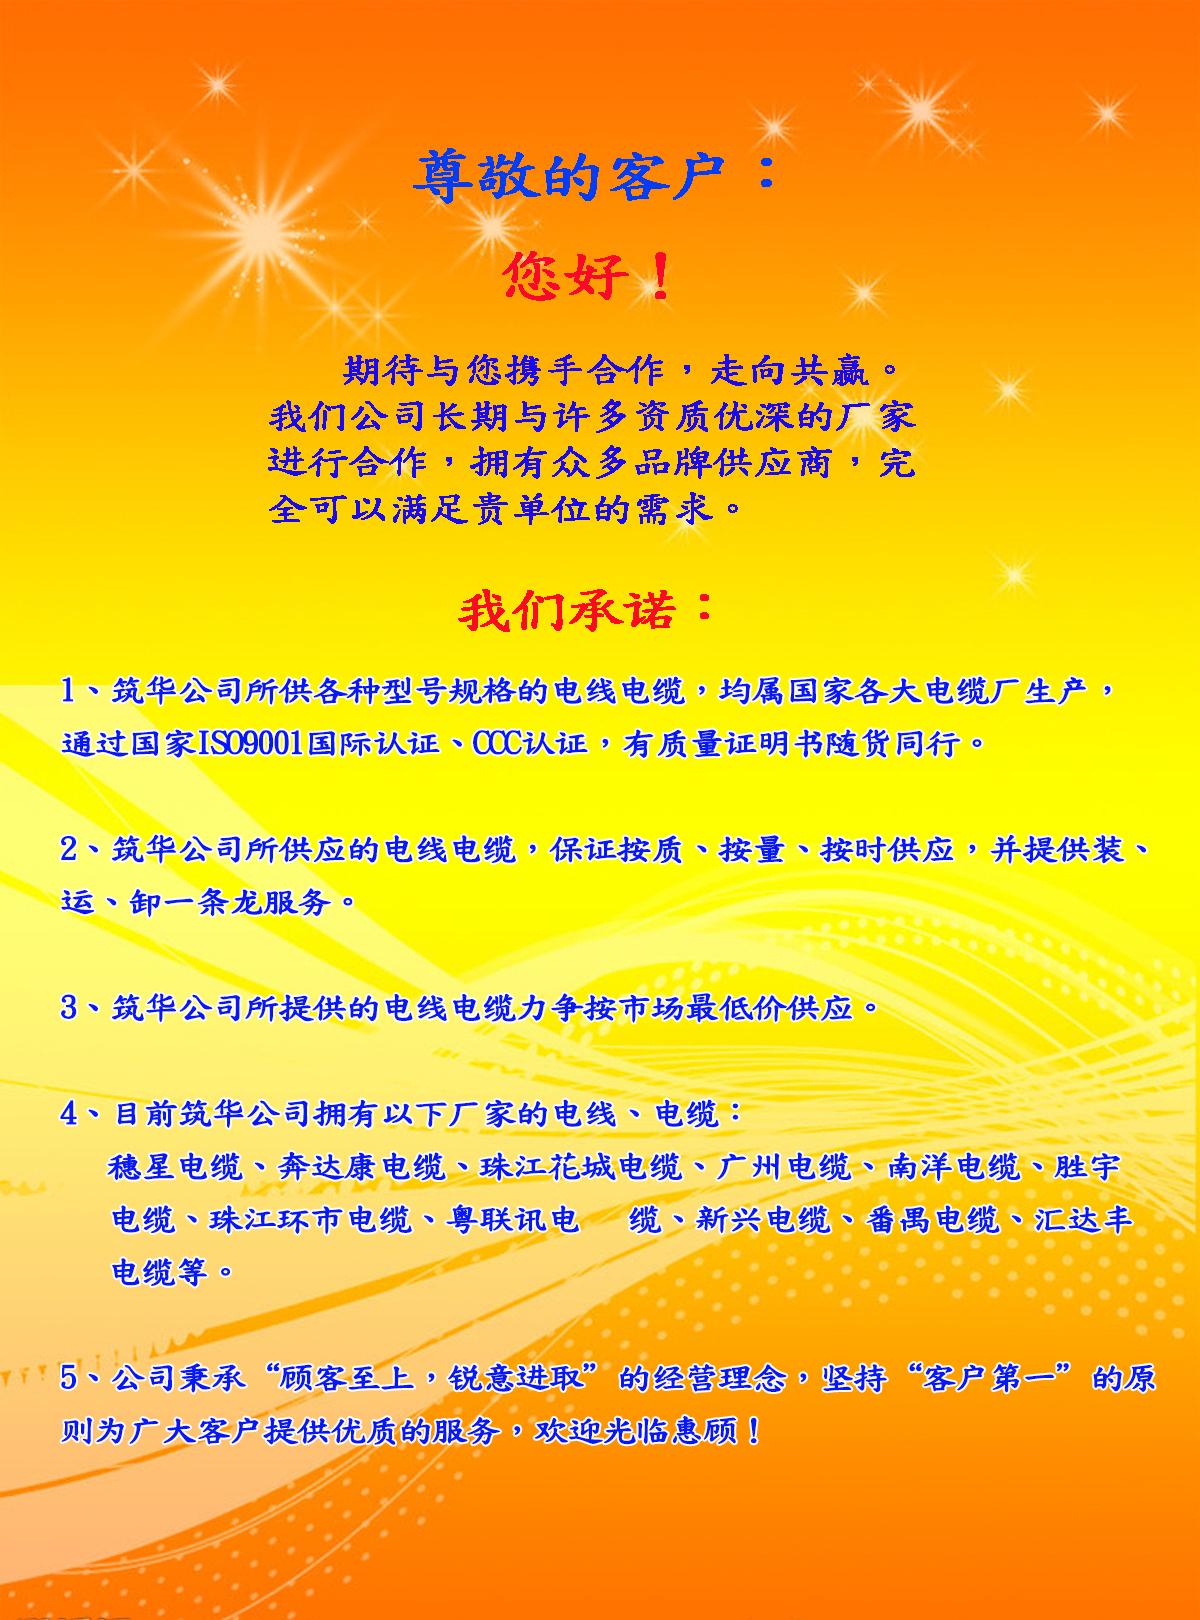 粤联讯女士-中低压BVVBVRRVVYJVYJV22电缆短裤裁剪图纸和步骤图片